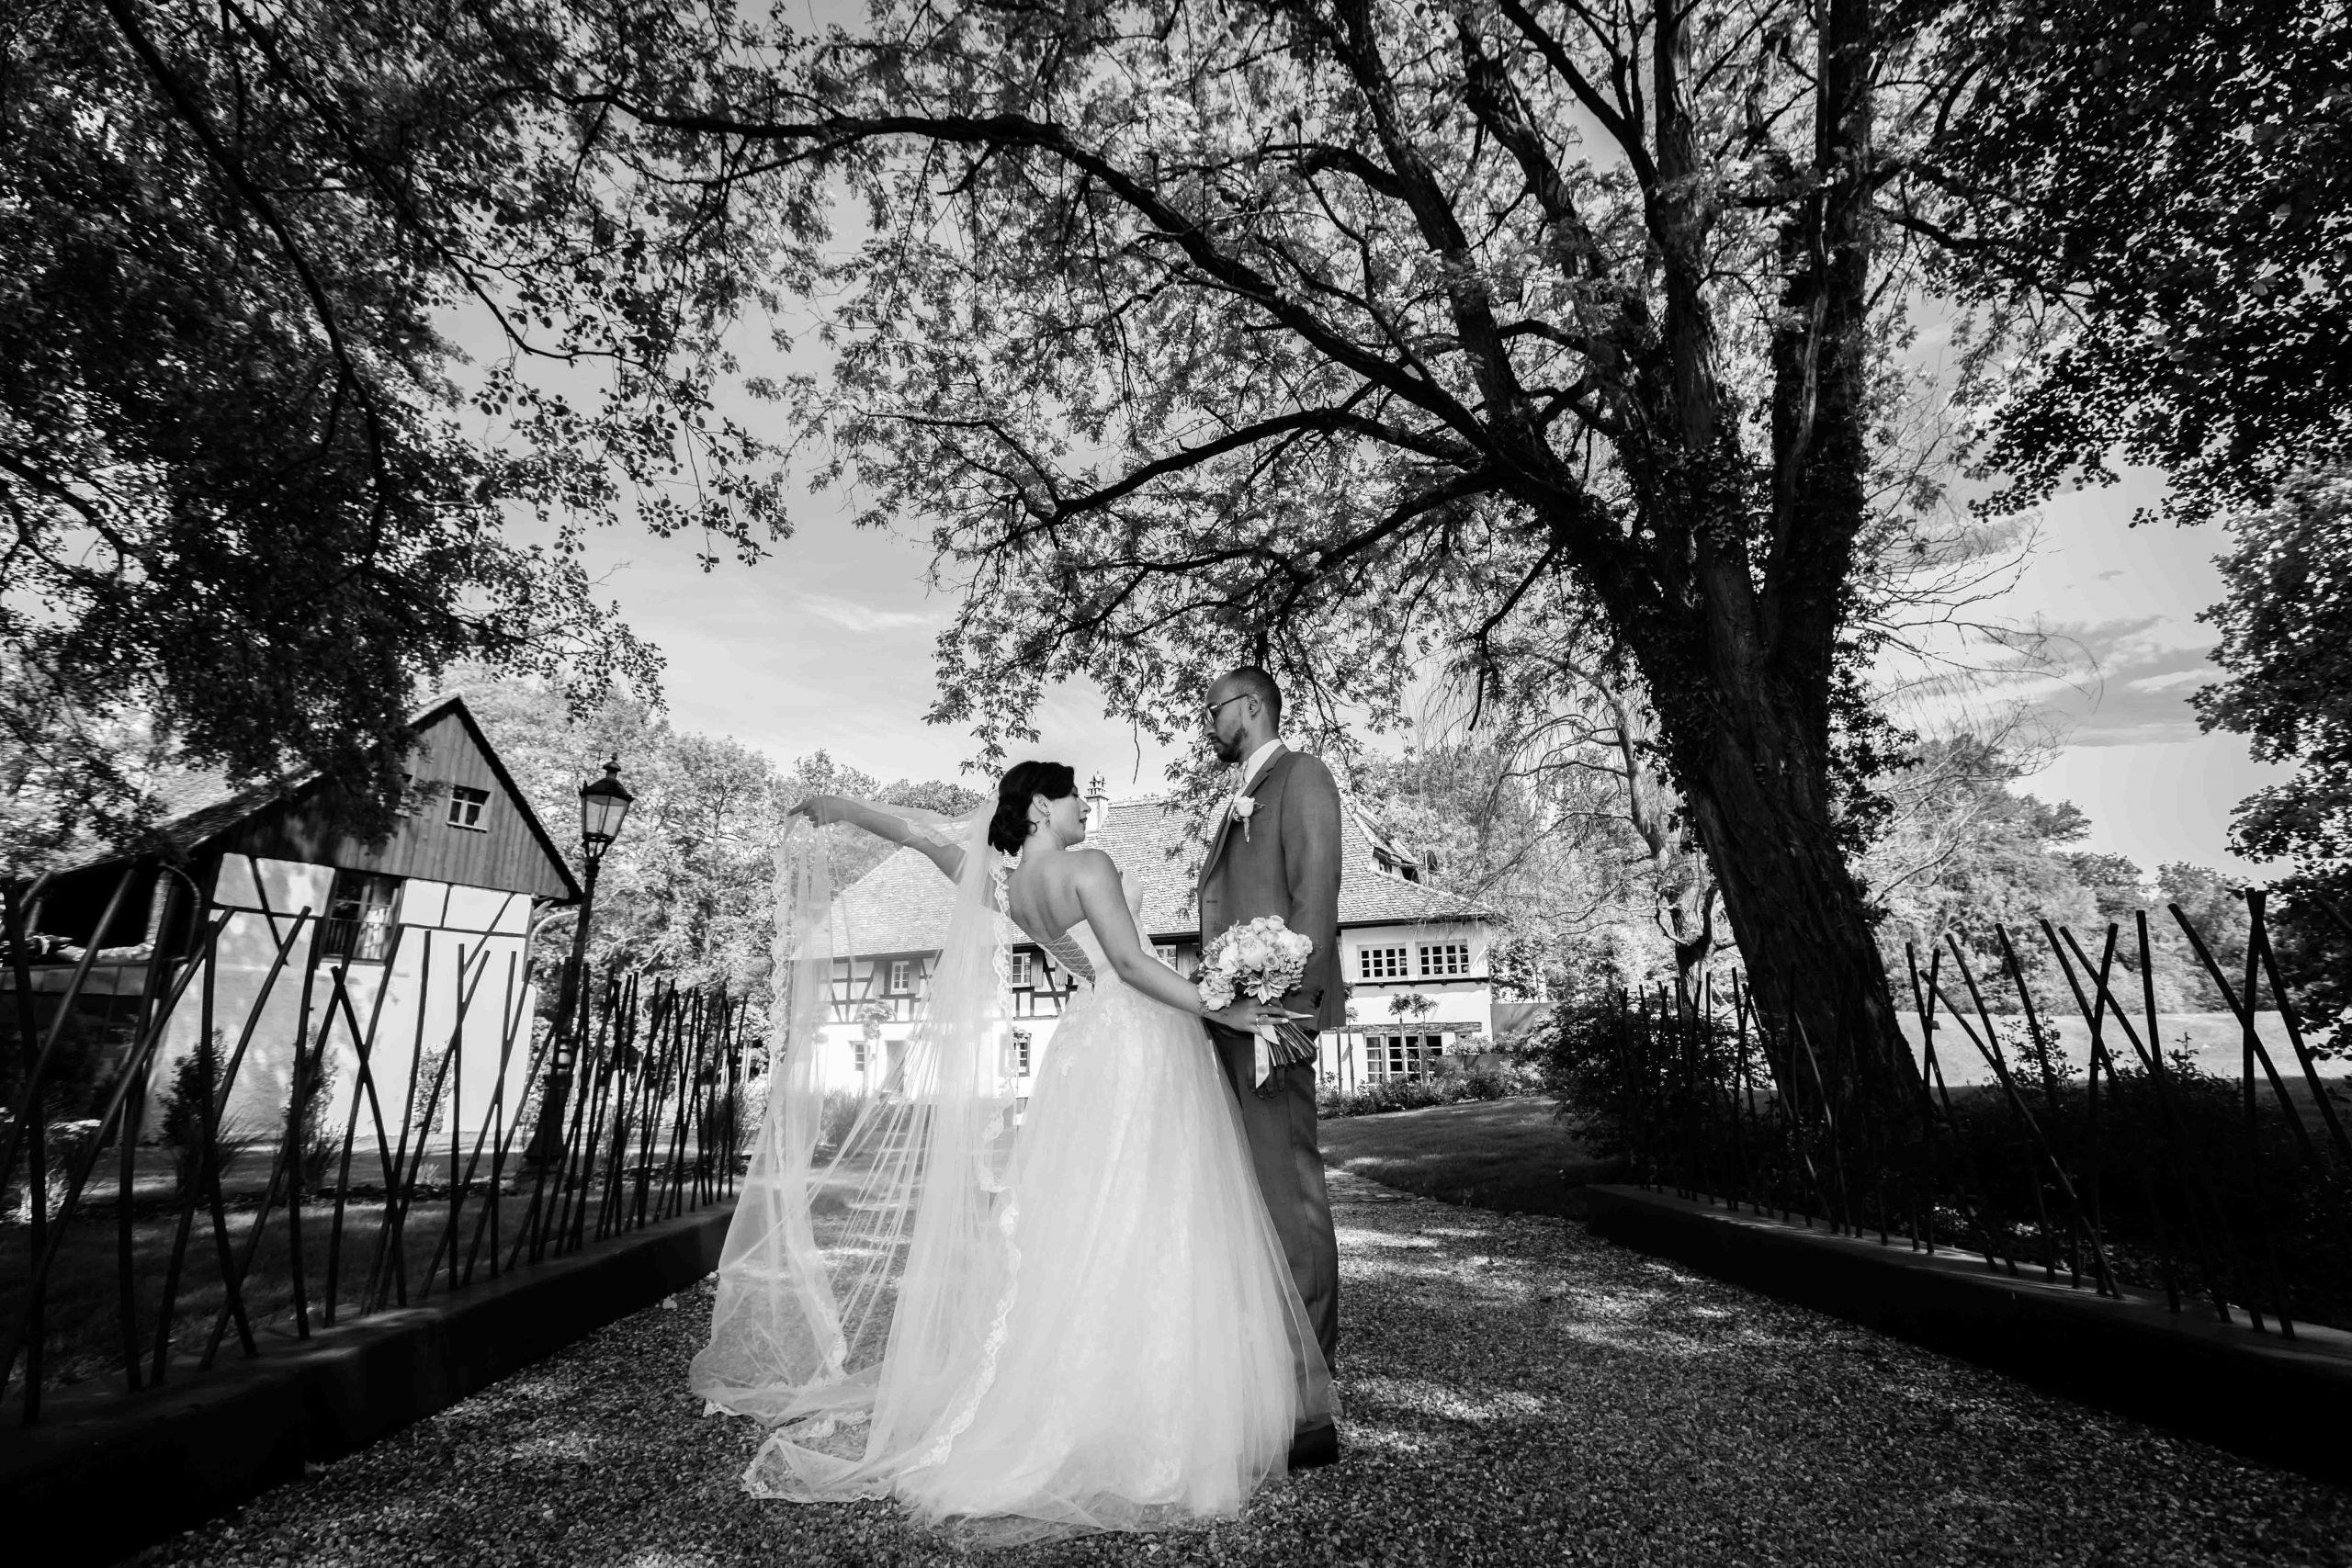 séance photo de mariage au domaine du Kaegy à steinbrunn-le haut